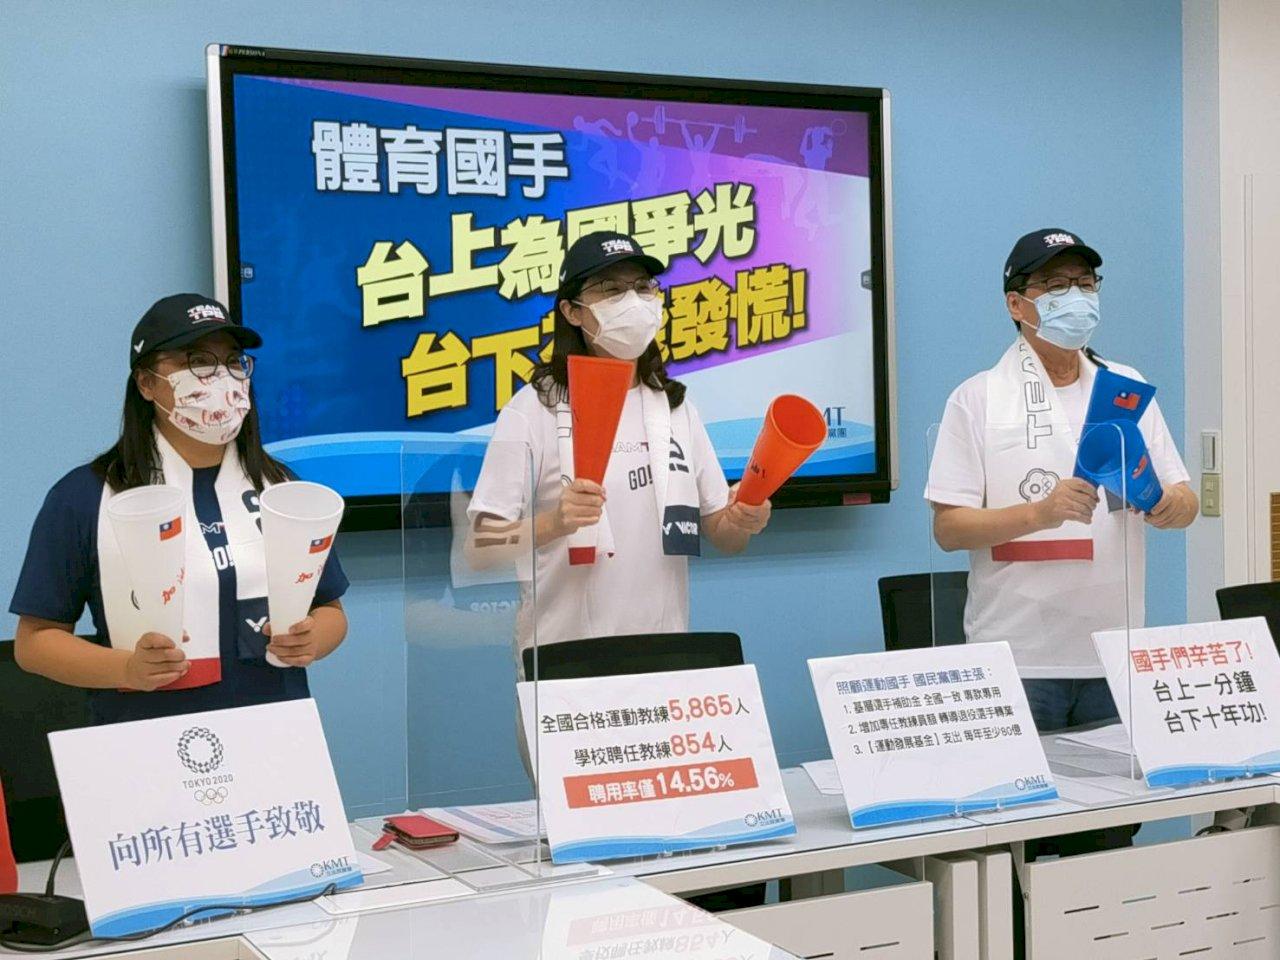 郭婞淳奧運摘金 國民黨團提3訴求振興體育